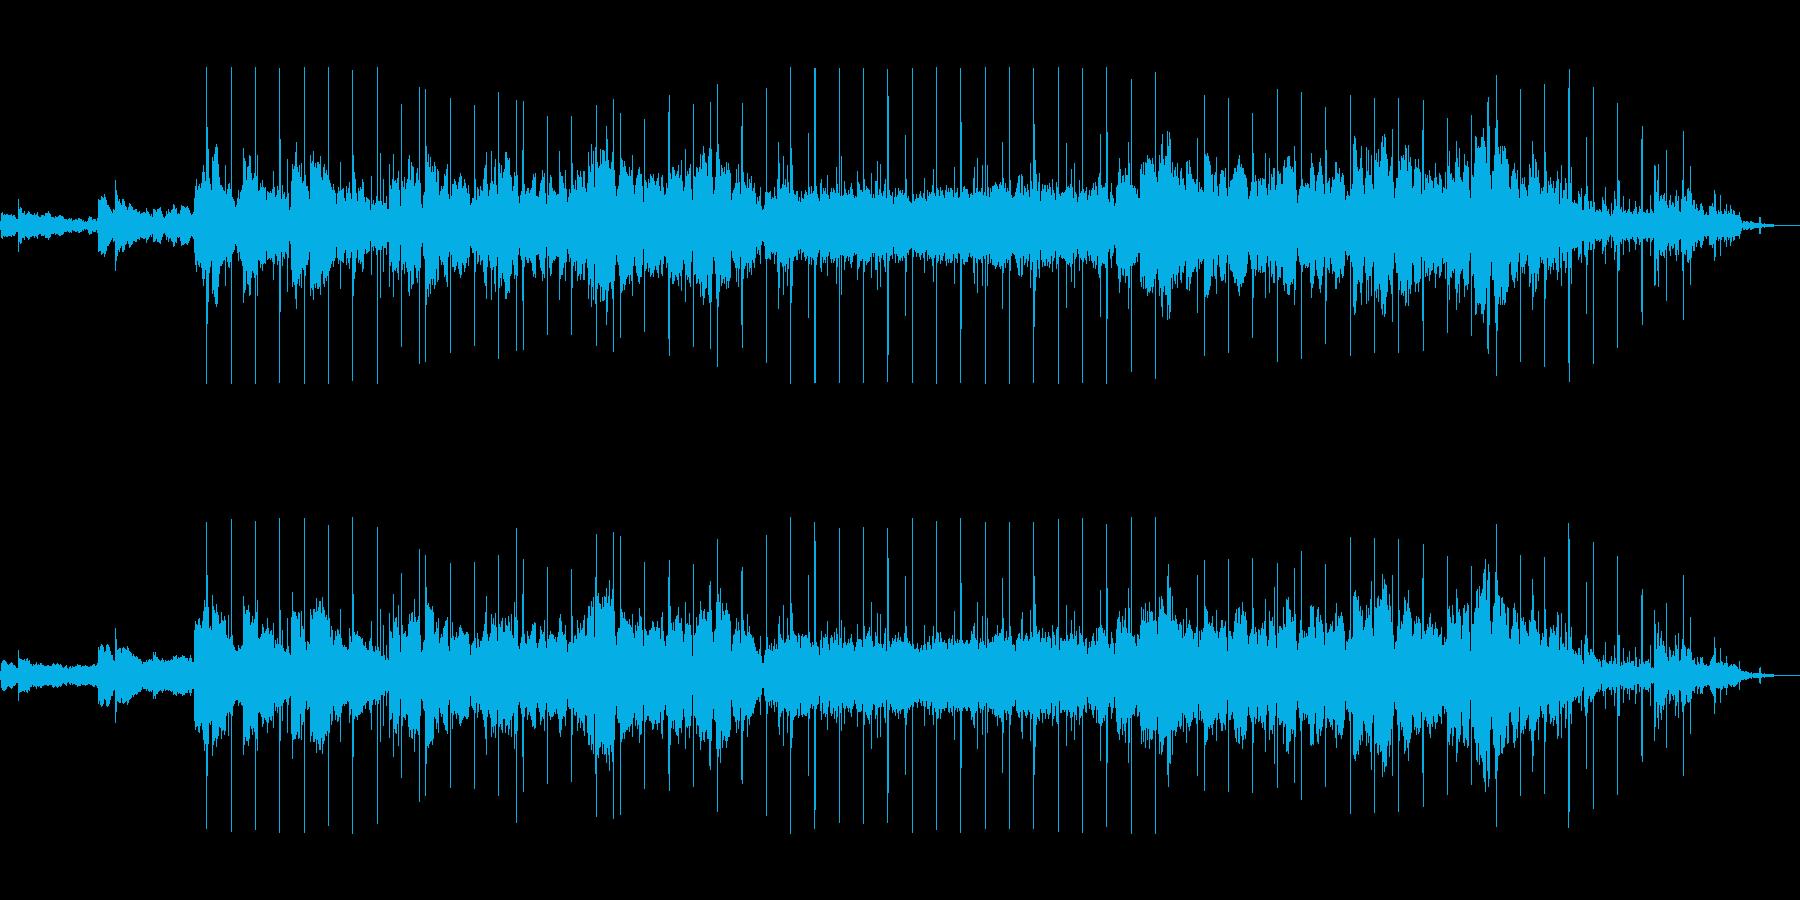 アンビエントローファイビートの再生済みの波形